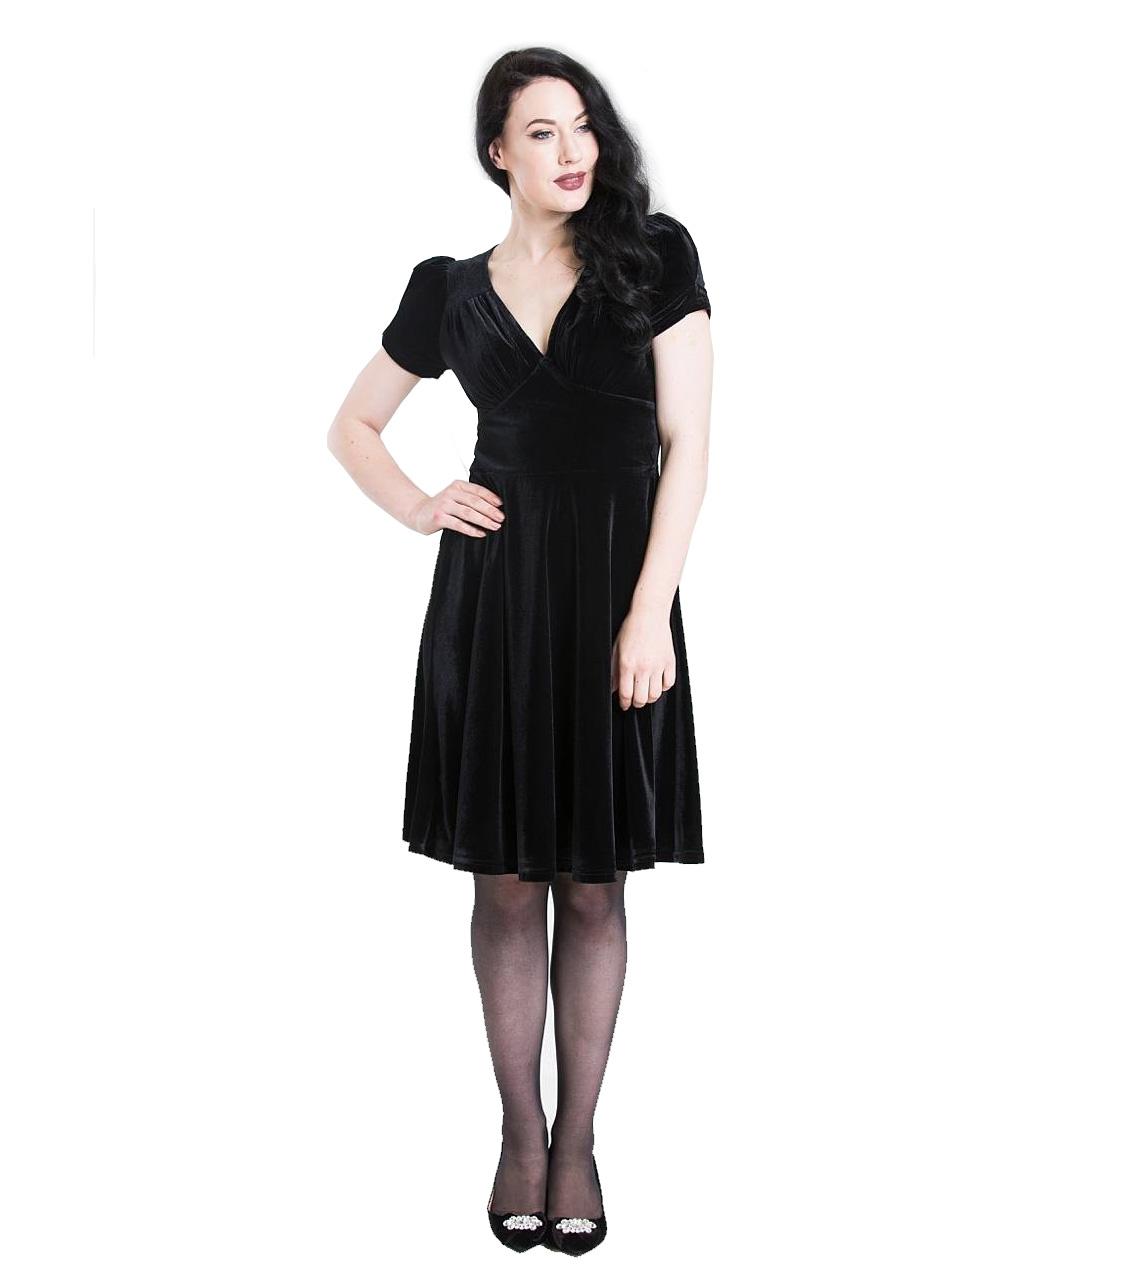 Hell-Bunny-40s-50s-Elegant-Pin-Up-Dress-JOANNE-Crushed-Velvet-Black-All-Sizes thumbnail 9